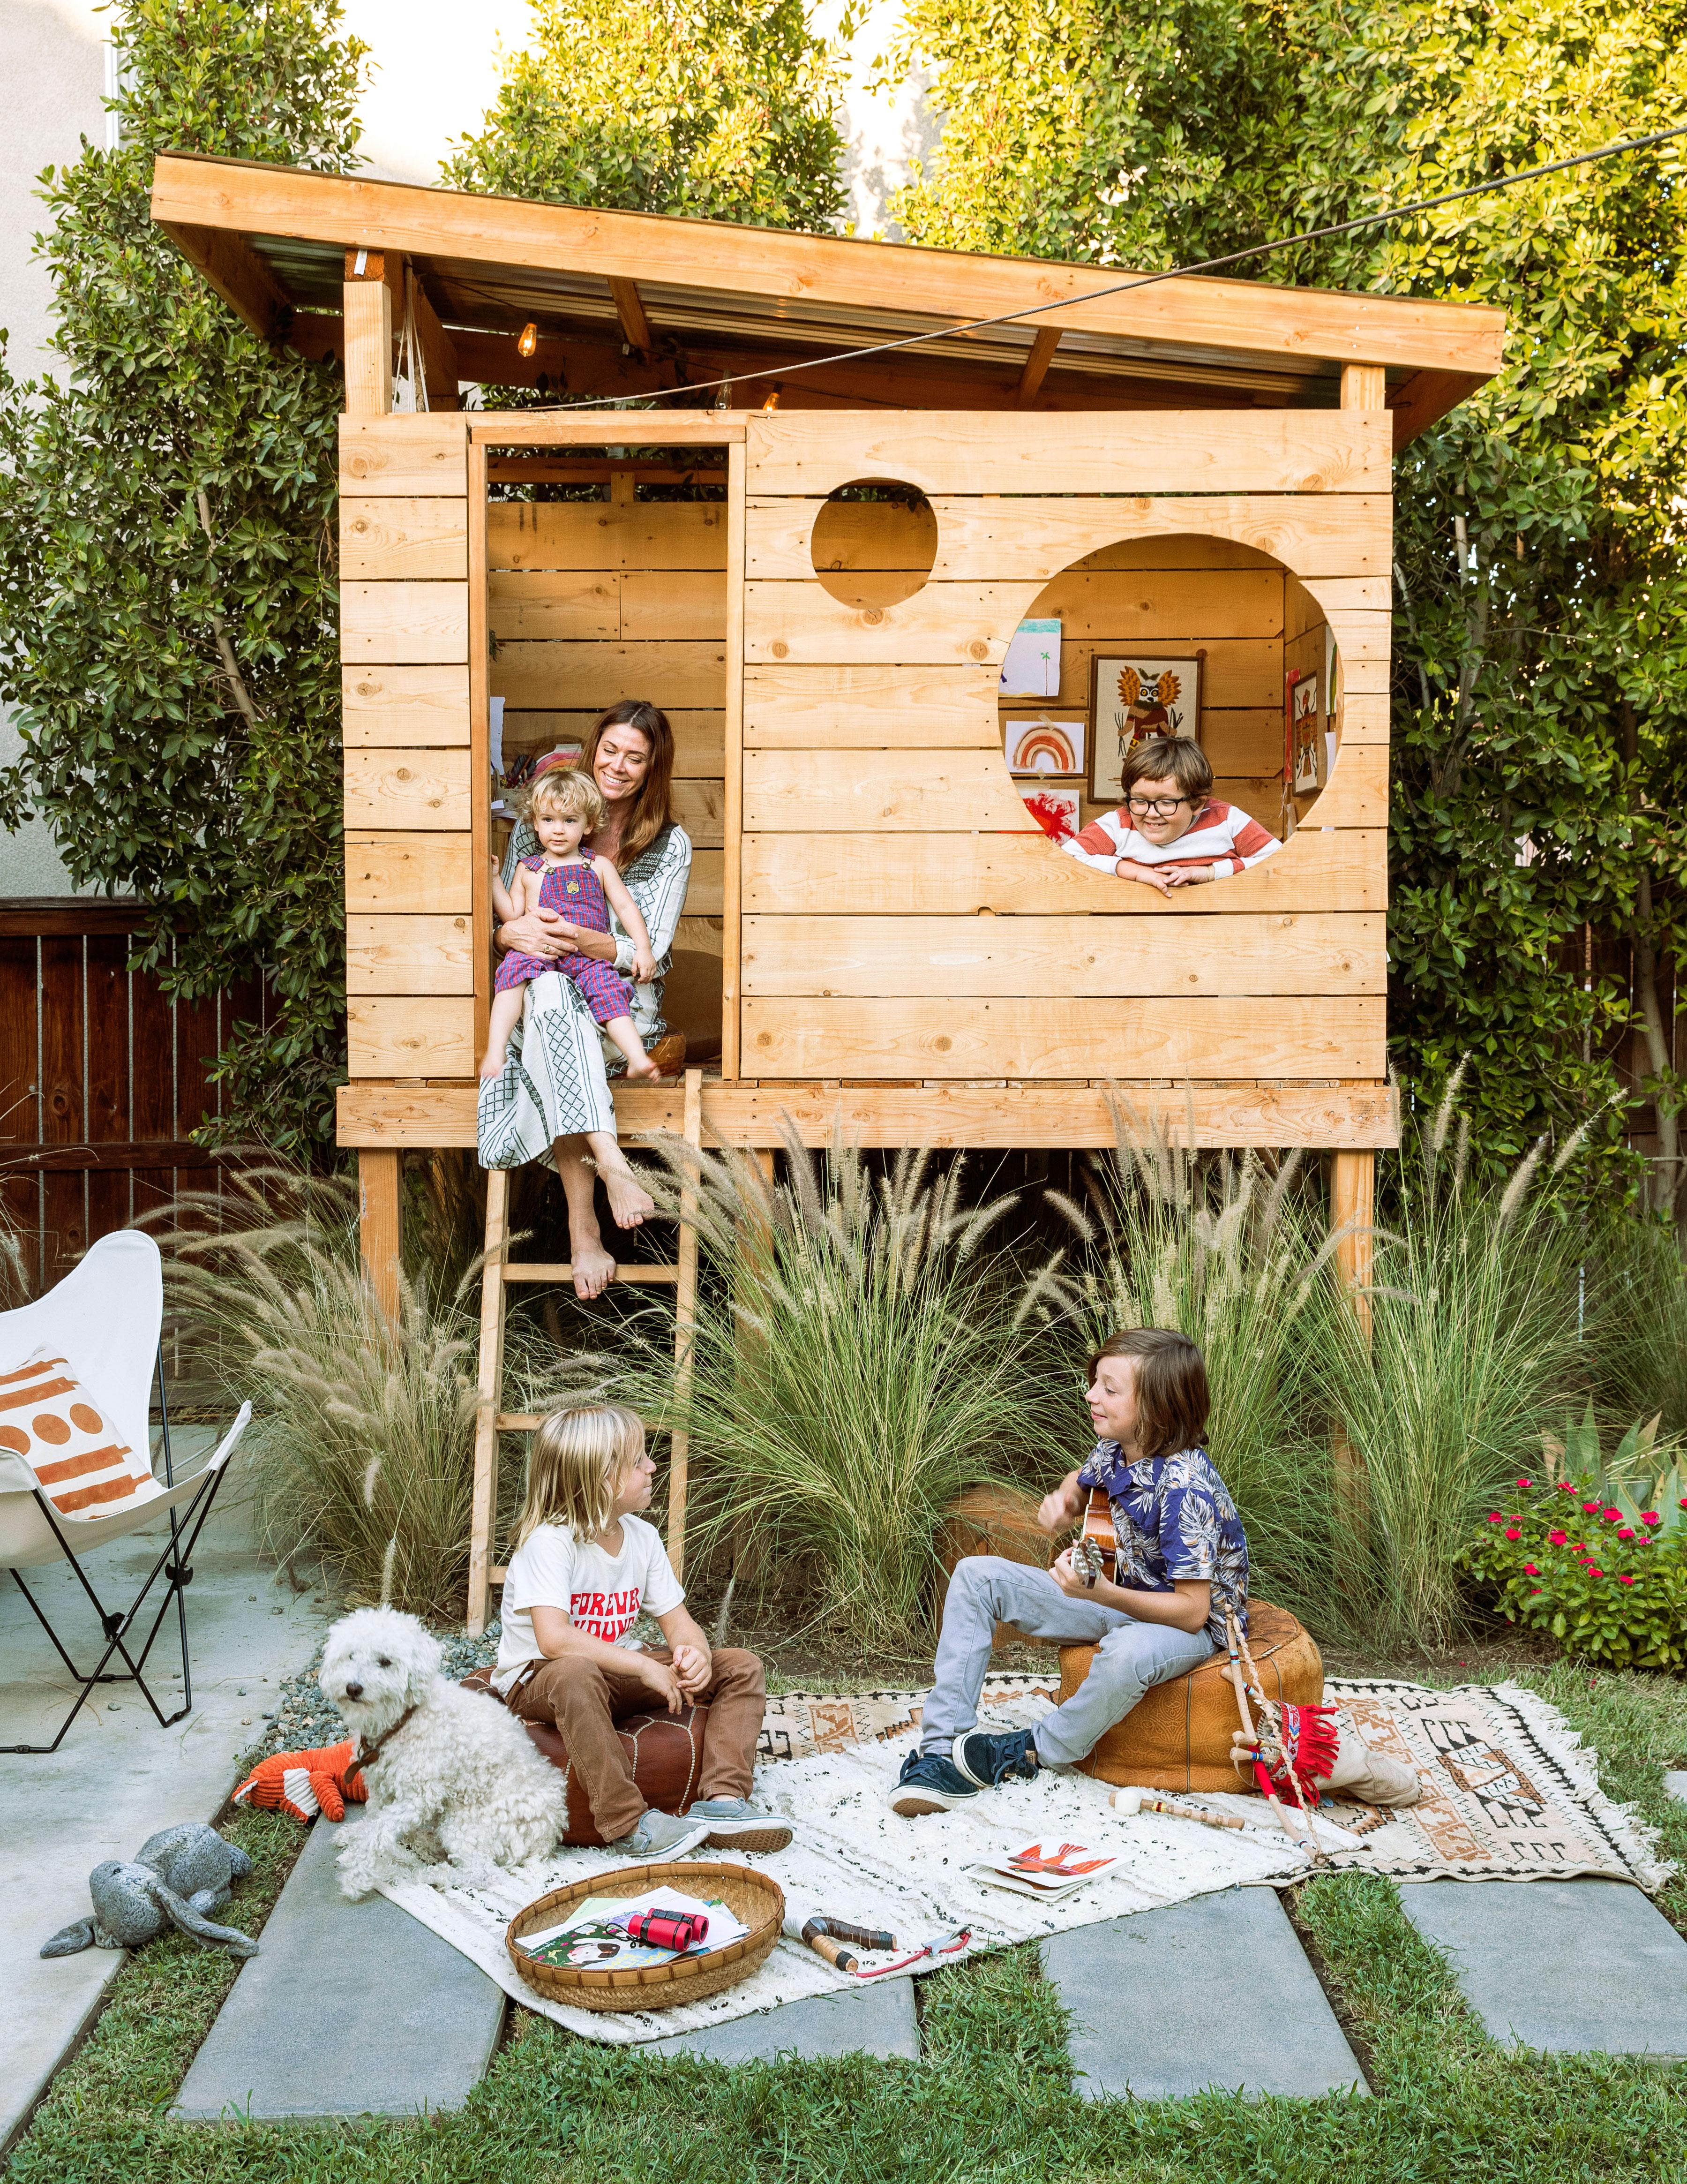 Fullsize Of Backyard Photos Ideas